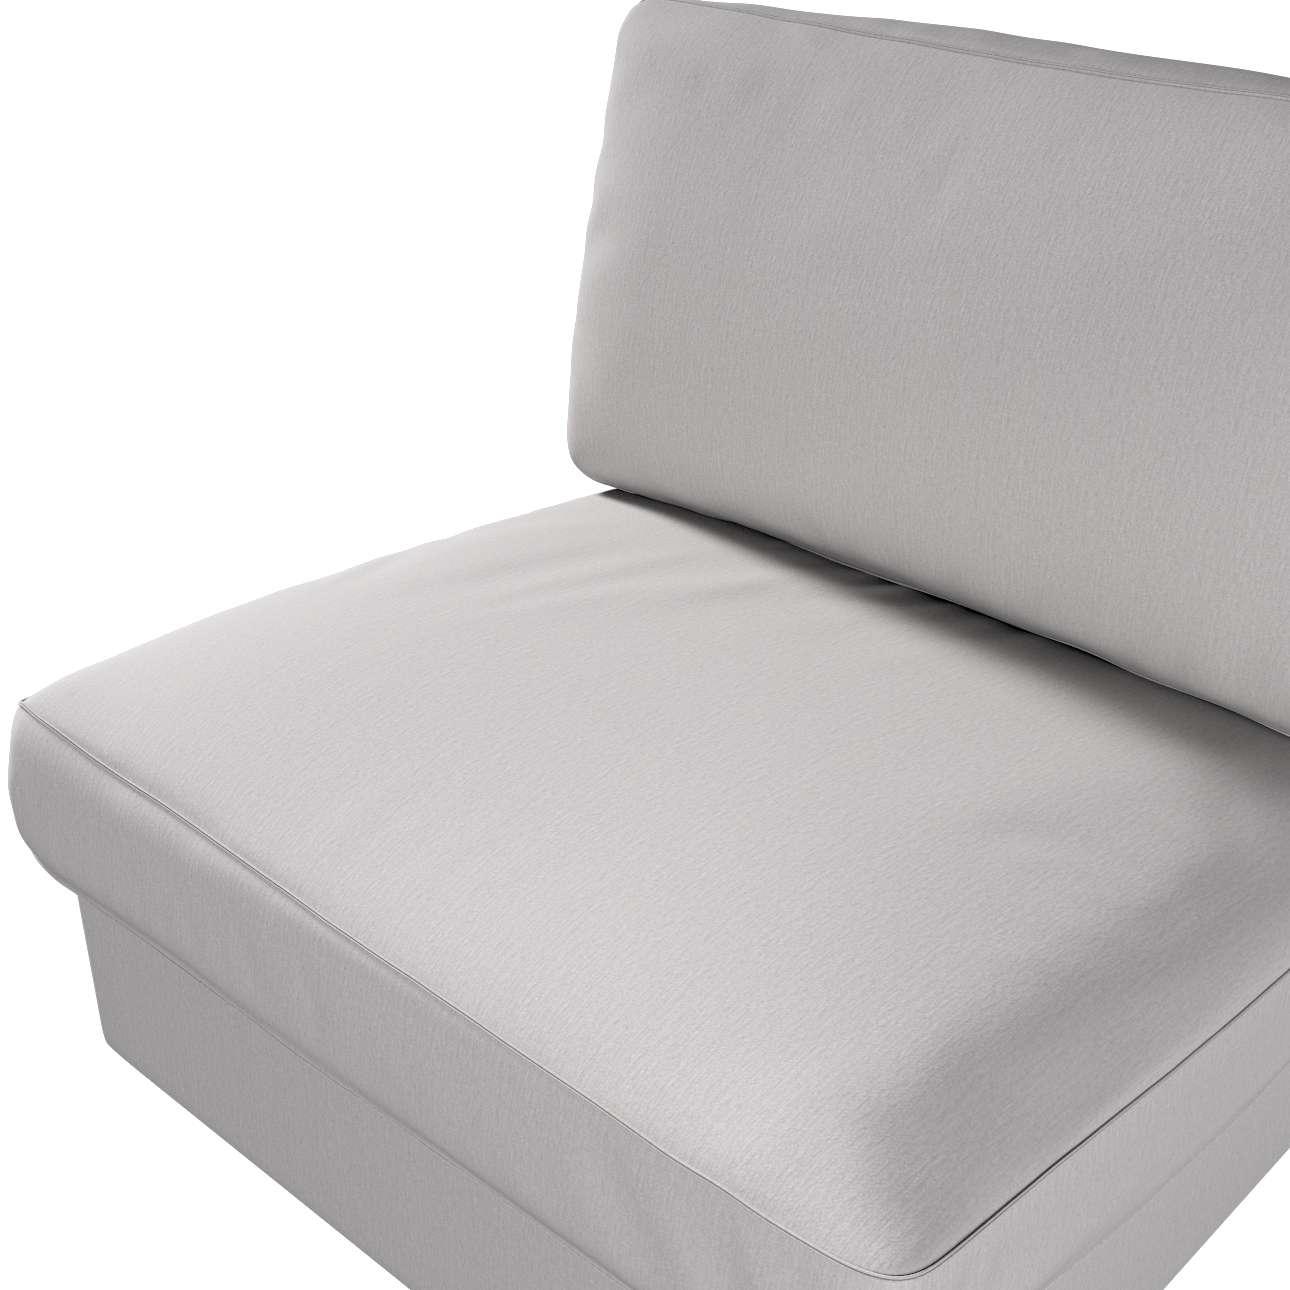 KIVIK fotelio/vienvietės dalies užvalkalas kolekcijoje Chenille, audinys: 702-23